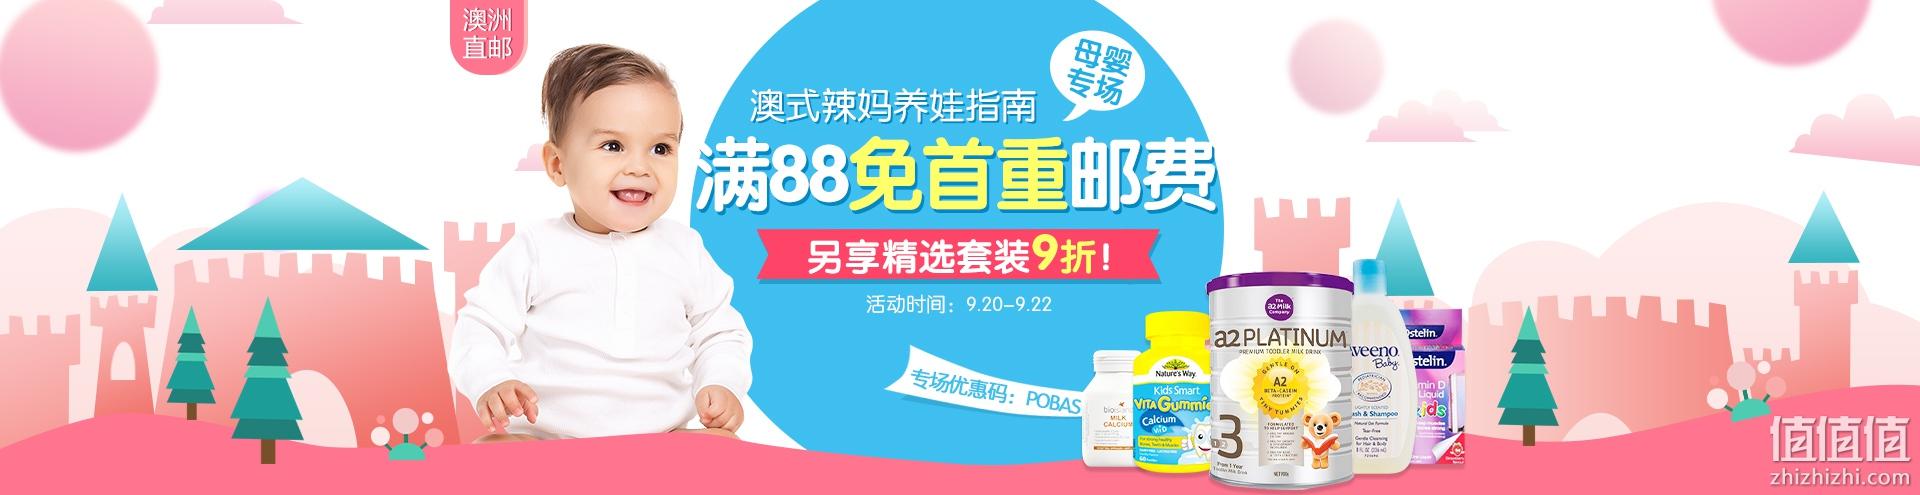 澳洲Pharmacy Online中文官网:母婴专场 满88澳元免首重邮费 精选套装9折